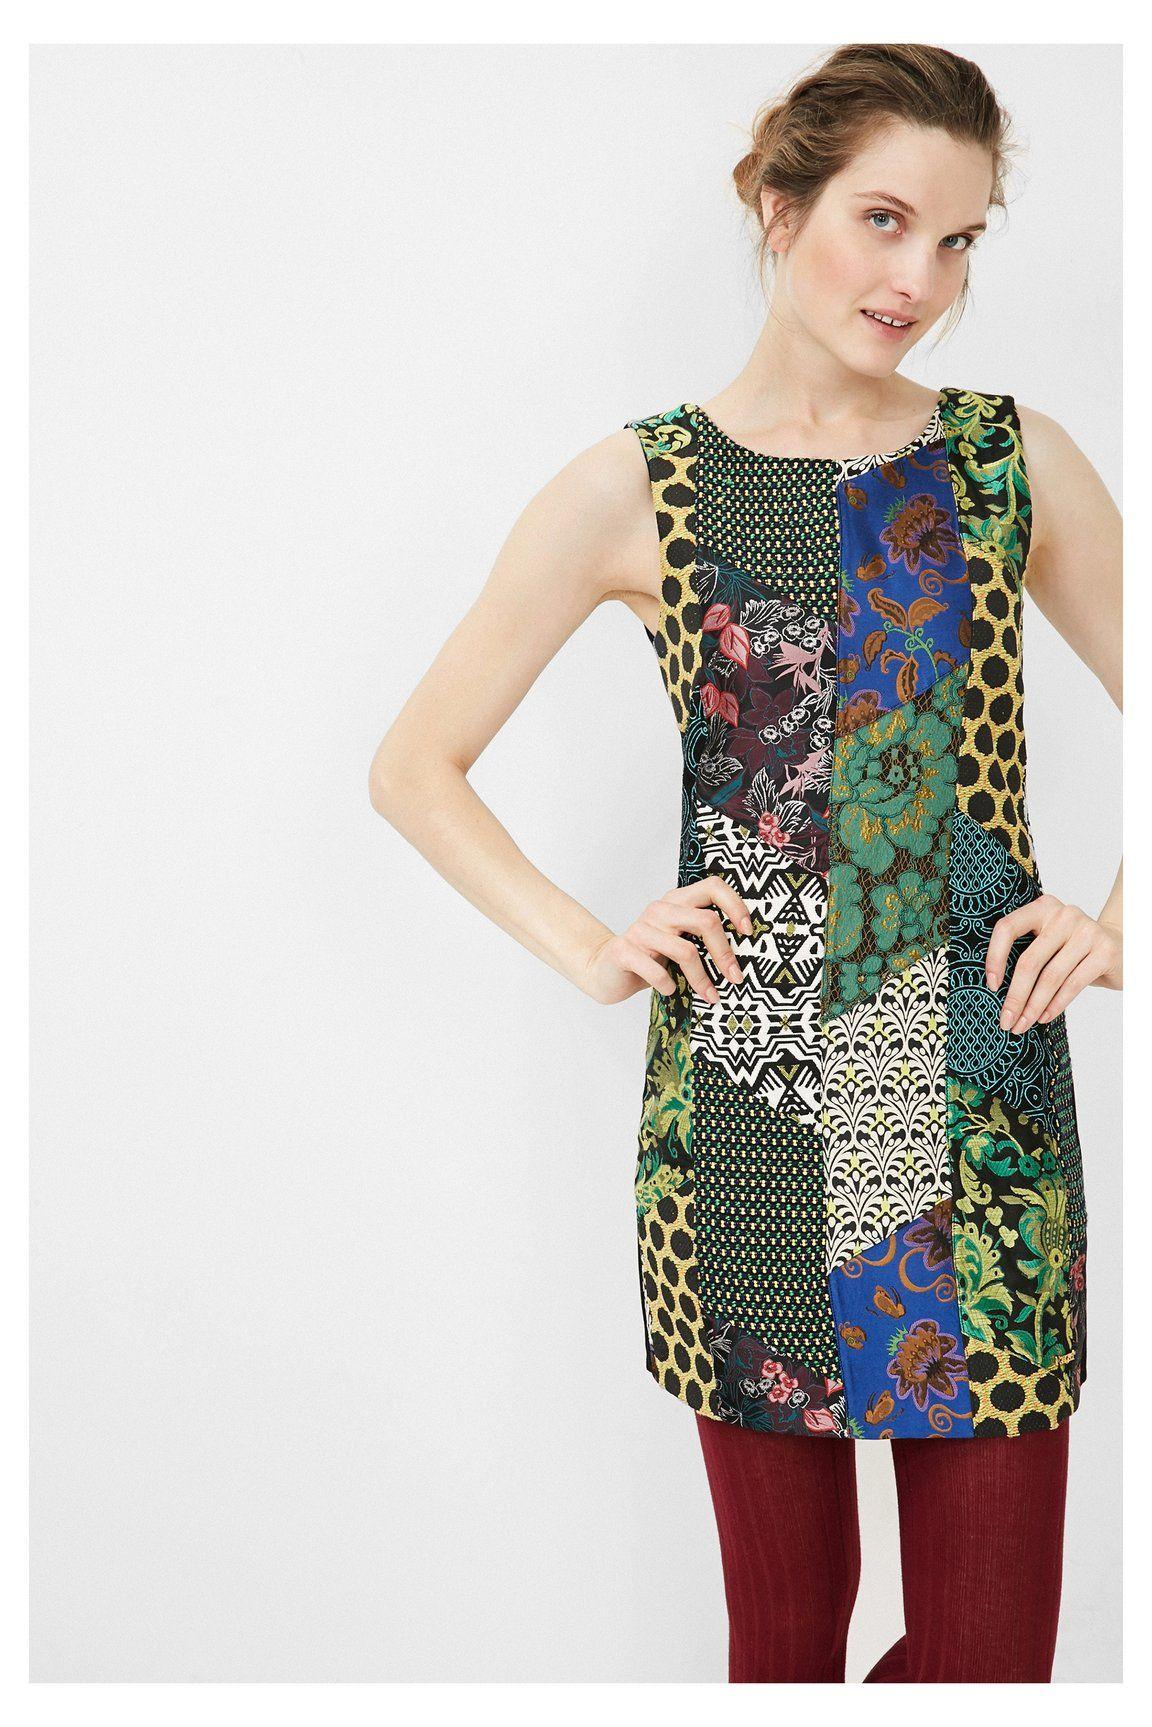 Desigual Calista - 67V28D5 | Desigual dress AW16 | Pinterest